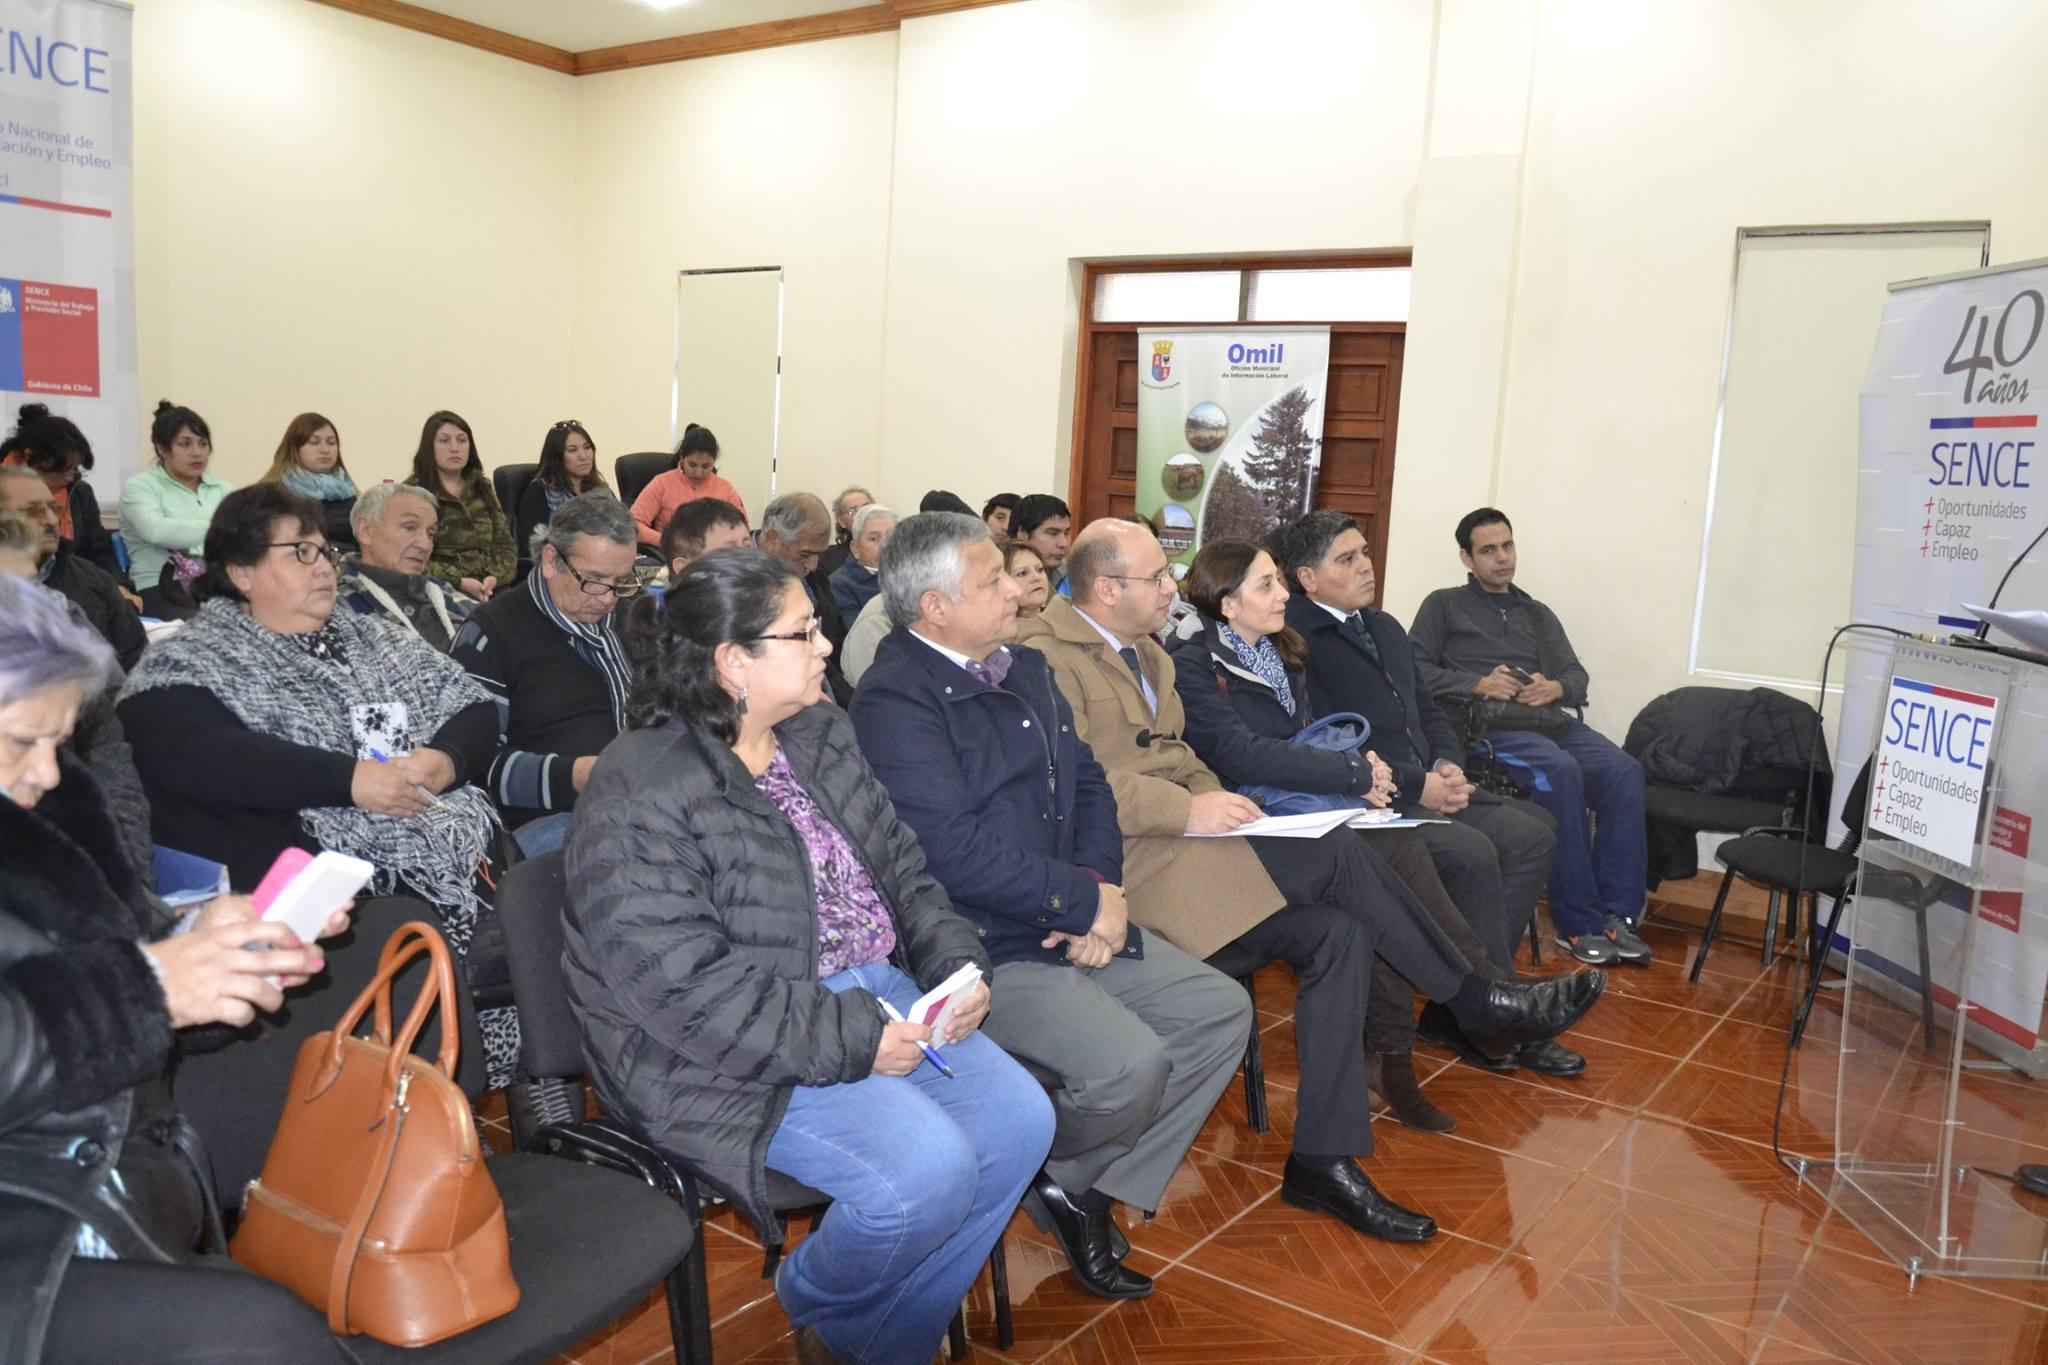 Alcalde Francisco Melo expone necesidades de capacitación a Sence Biobío